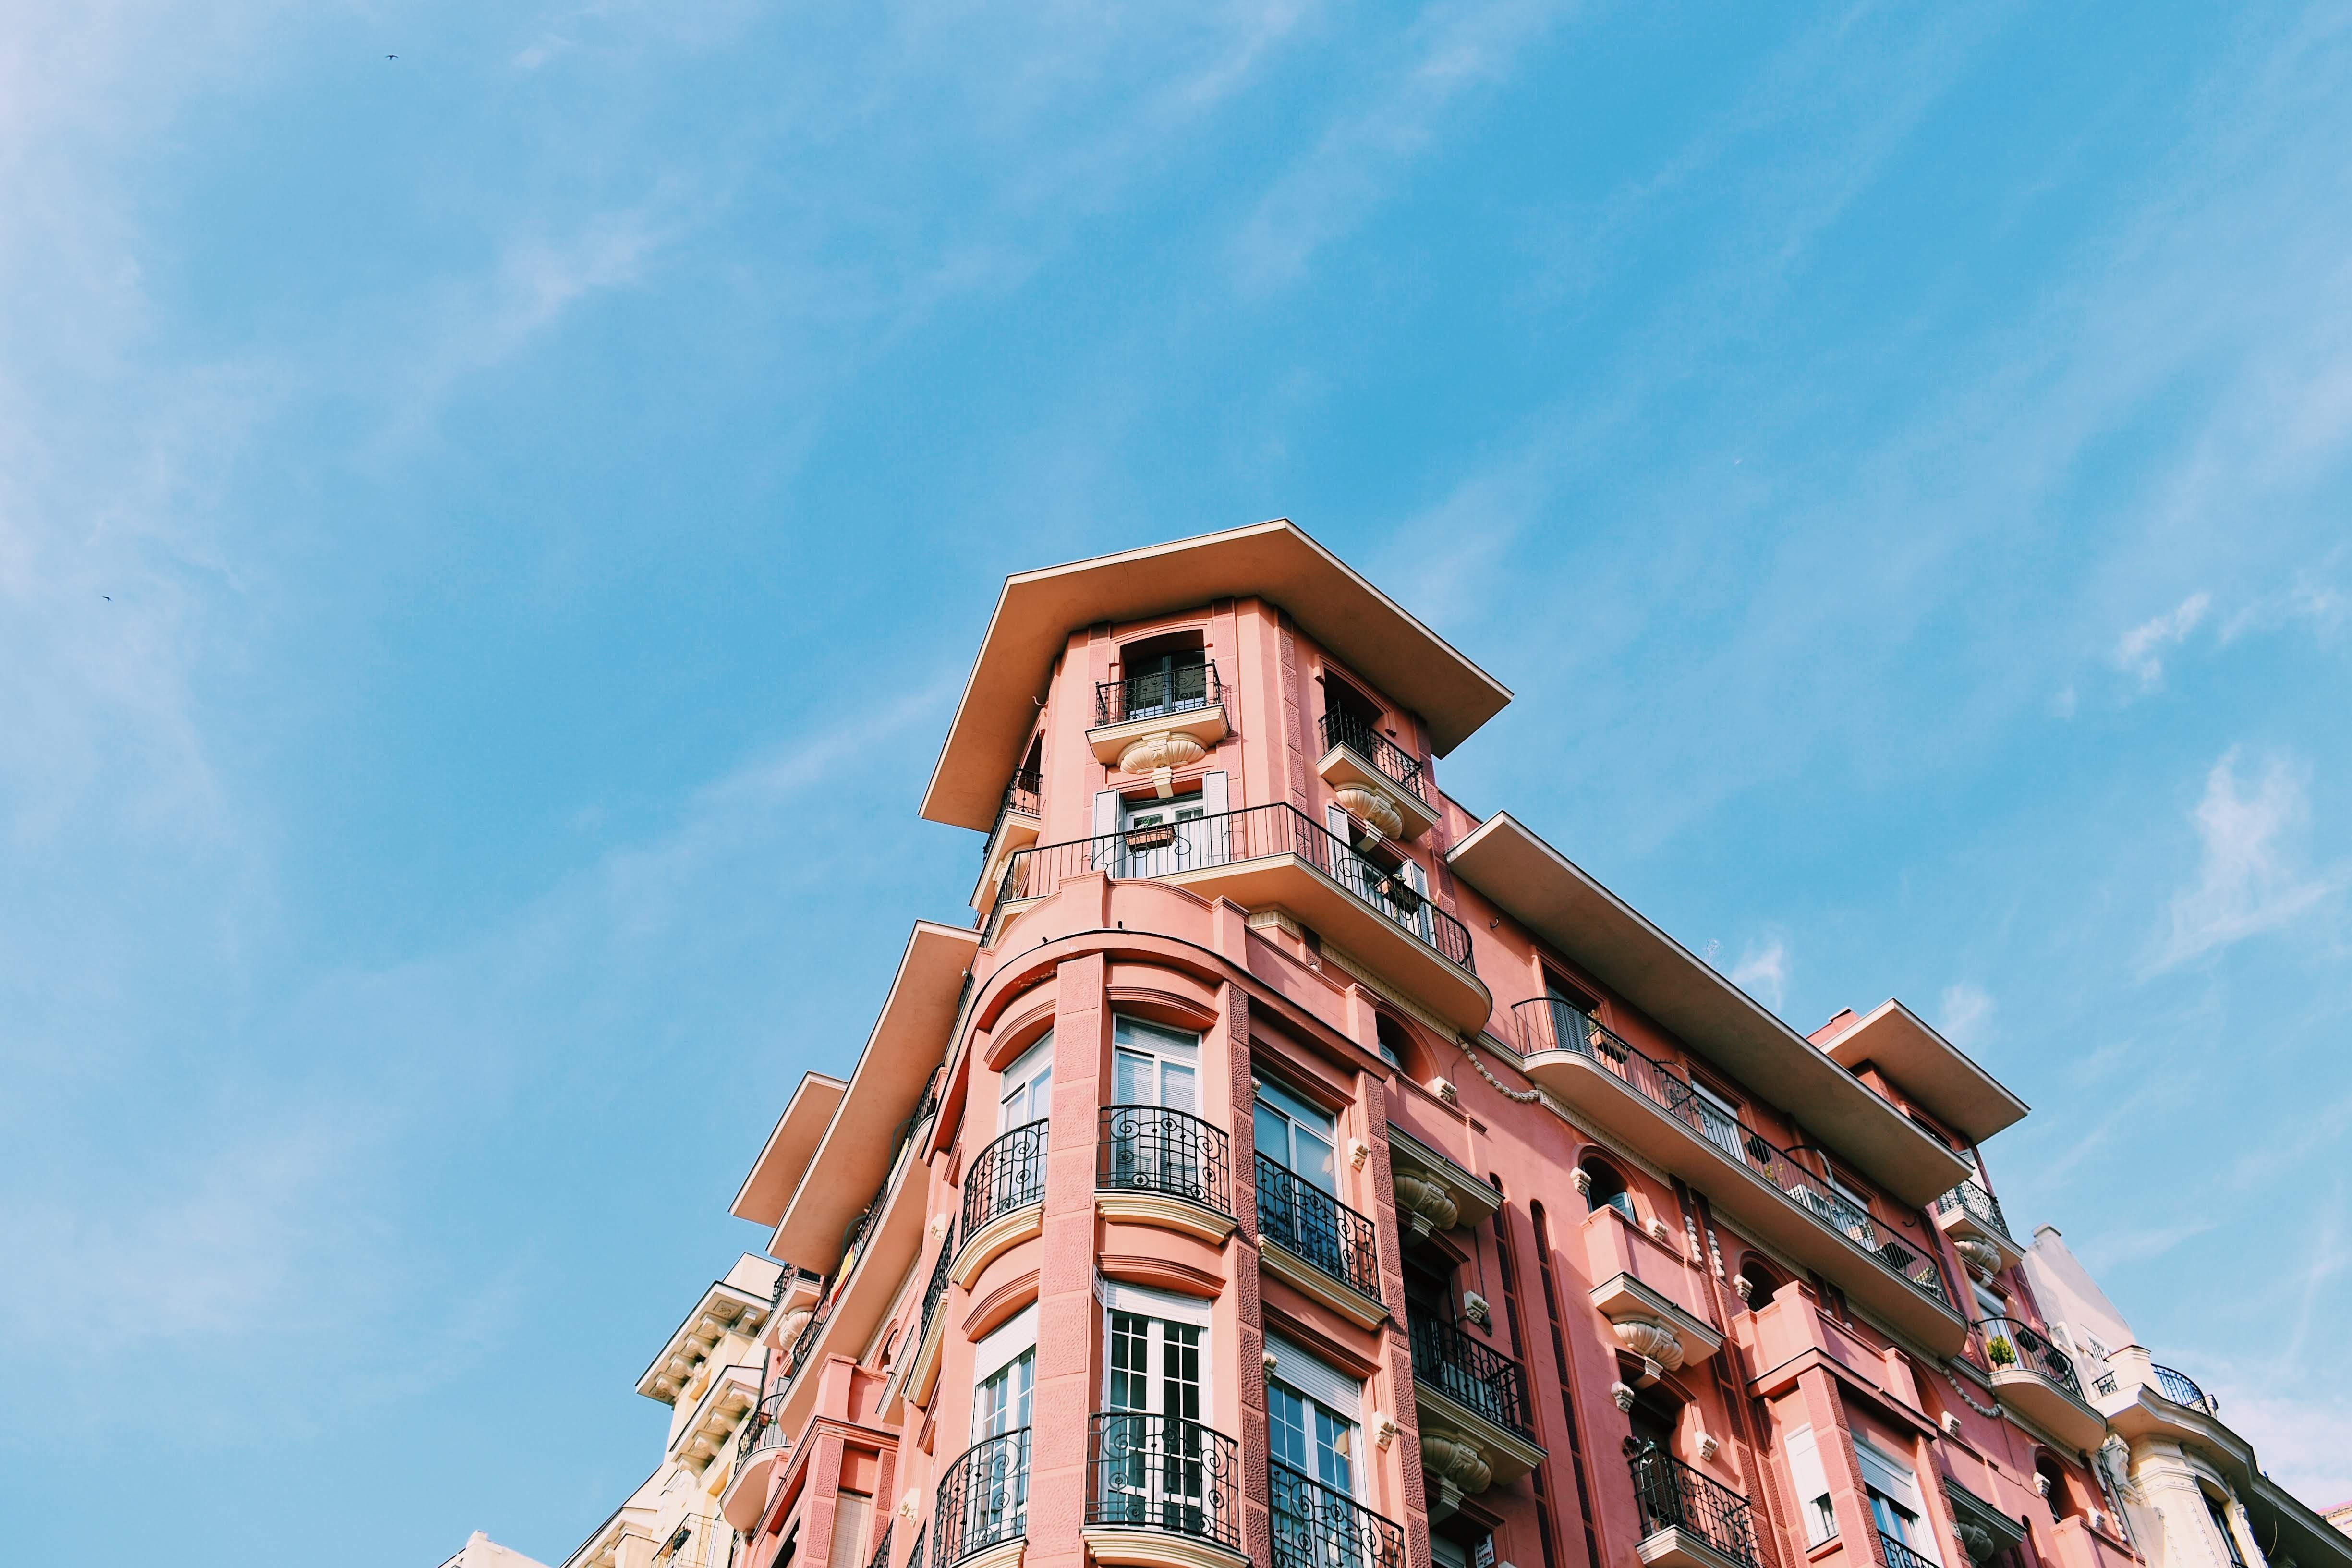 pink concrete building under blue sky